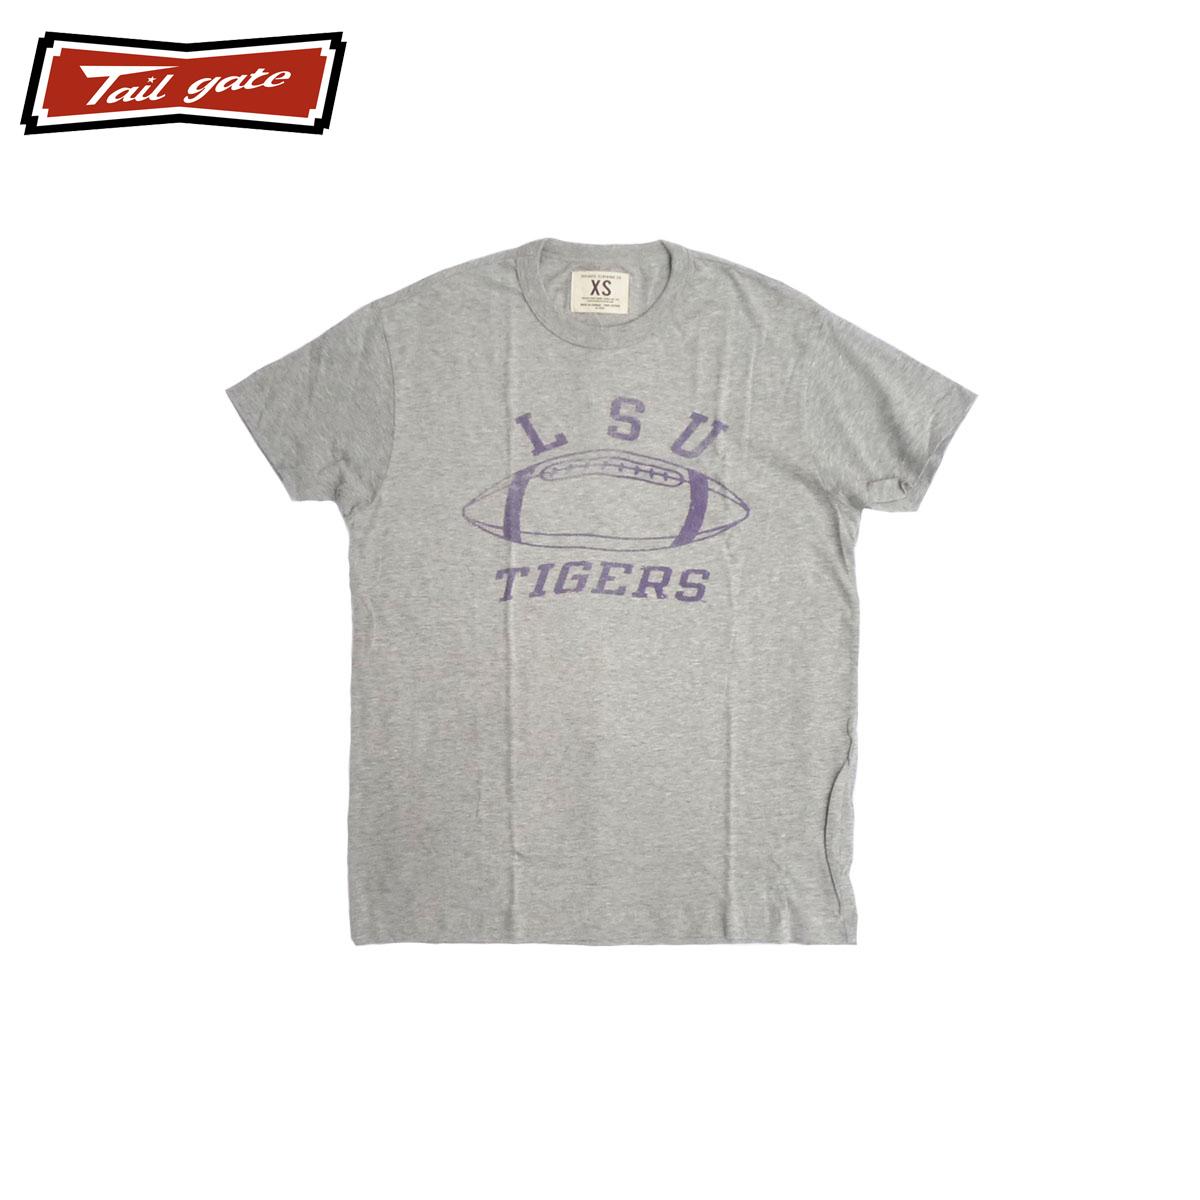 TAILGATE テイルゲート ルイジアナ Tシャツ メンズ/レディース グレー XS-M[Tシャツ 半袖 カレッジ プリント カナダ カナダ製 アメカジ アメカジファッション ブランド]